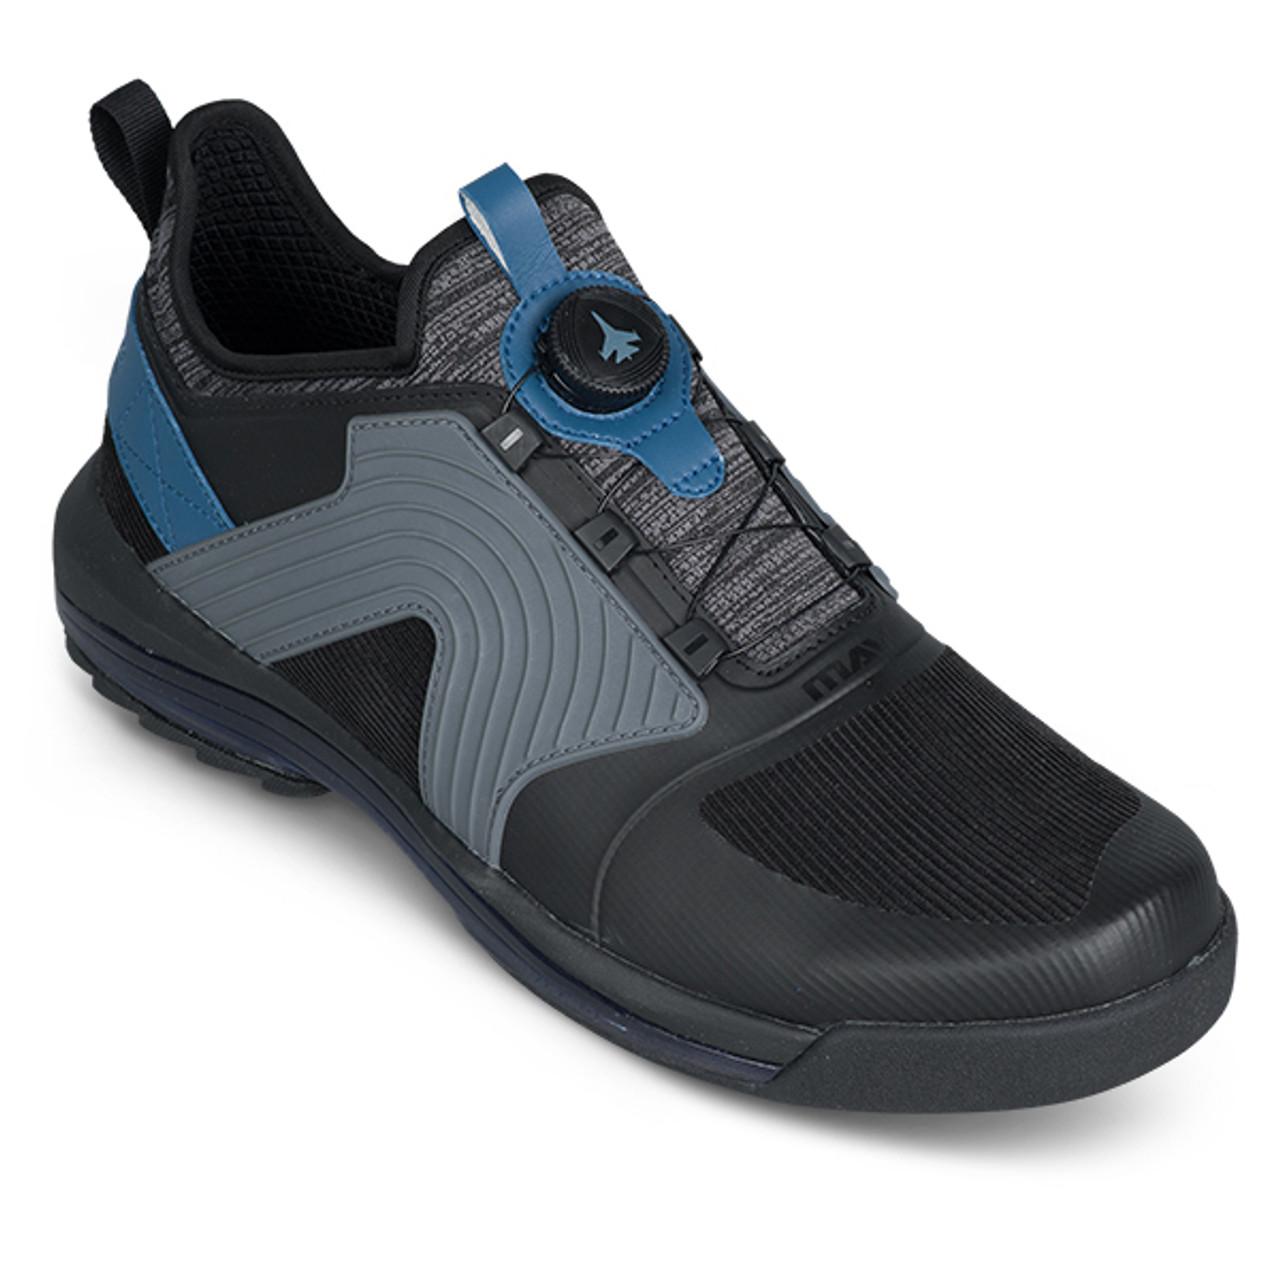 KR Strikeforce Mens Maverick Bowling Shoes Black/Cobalt Left Handed